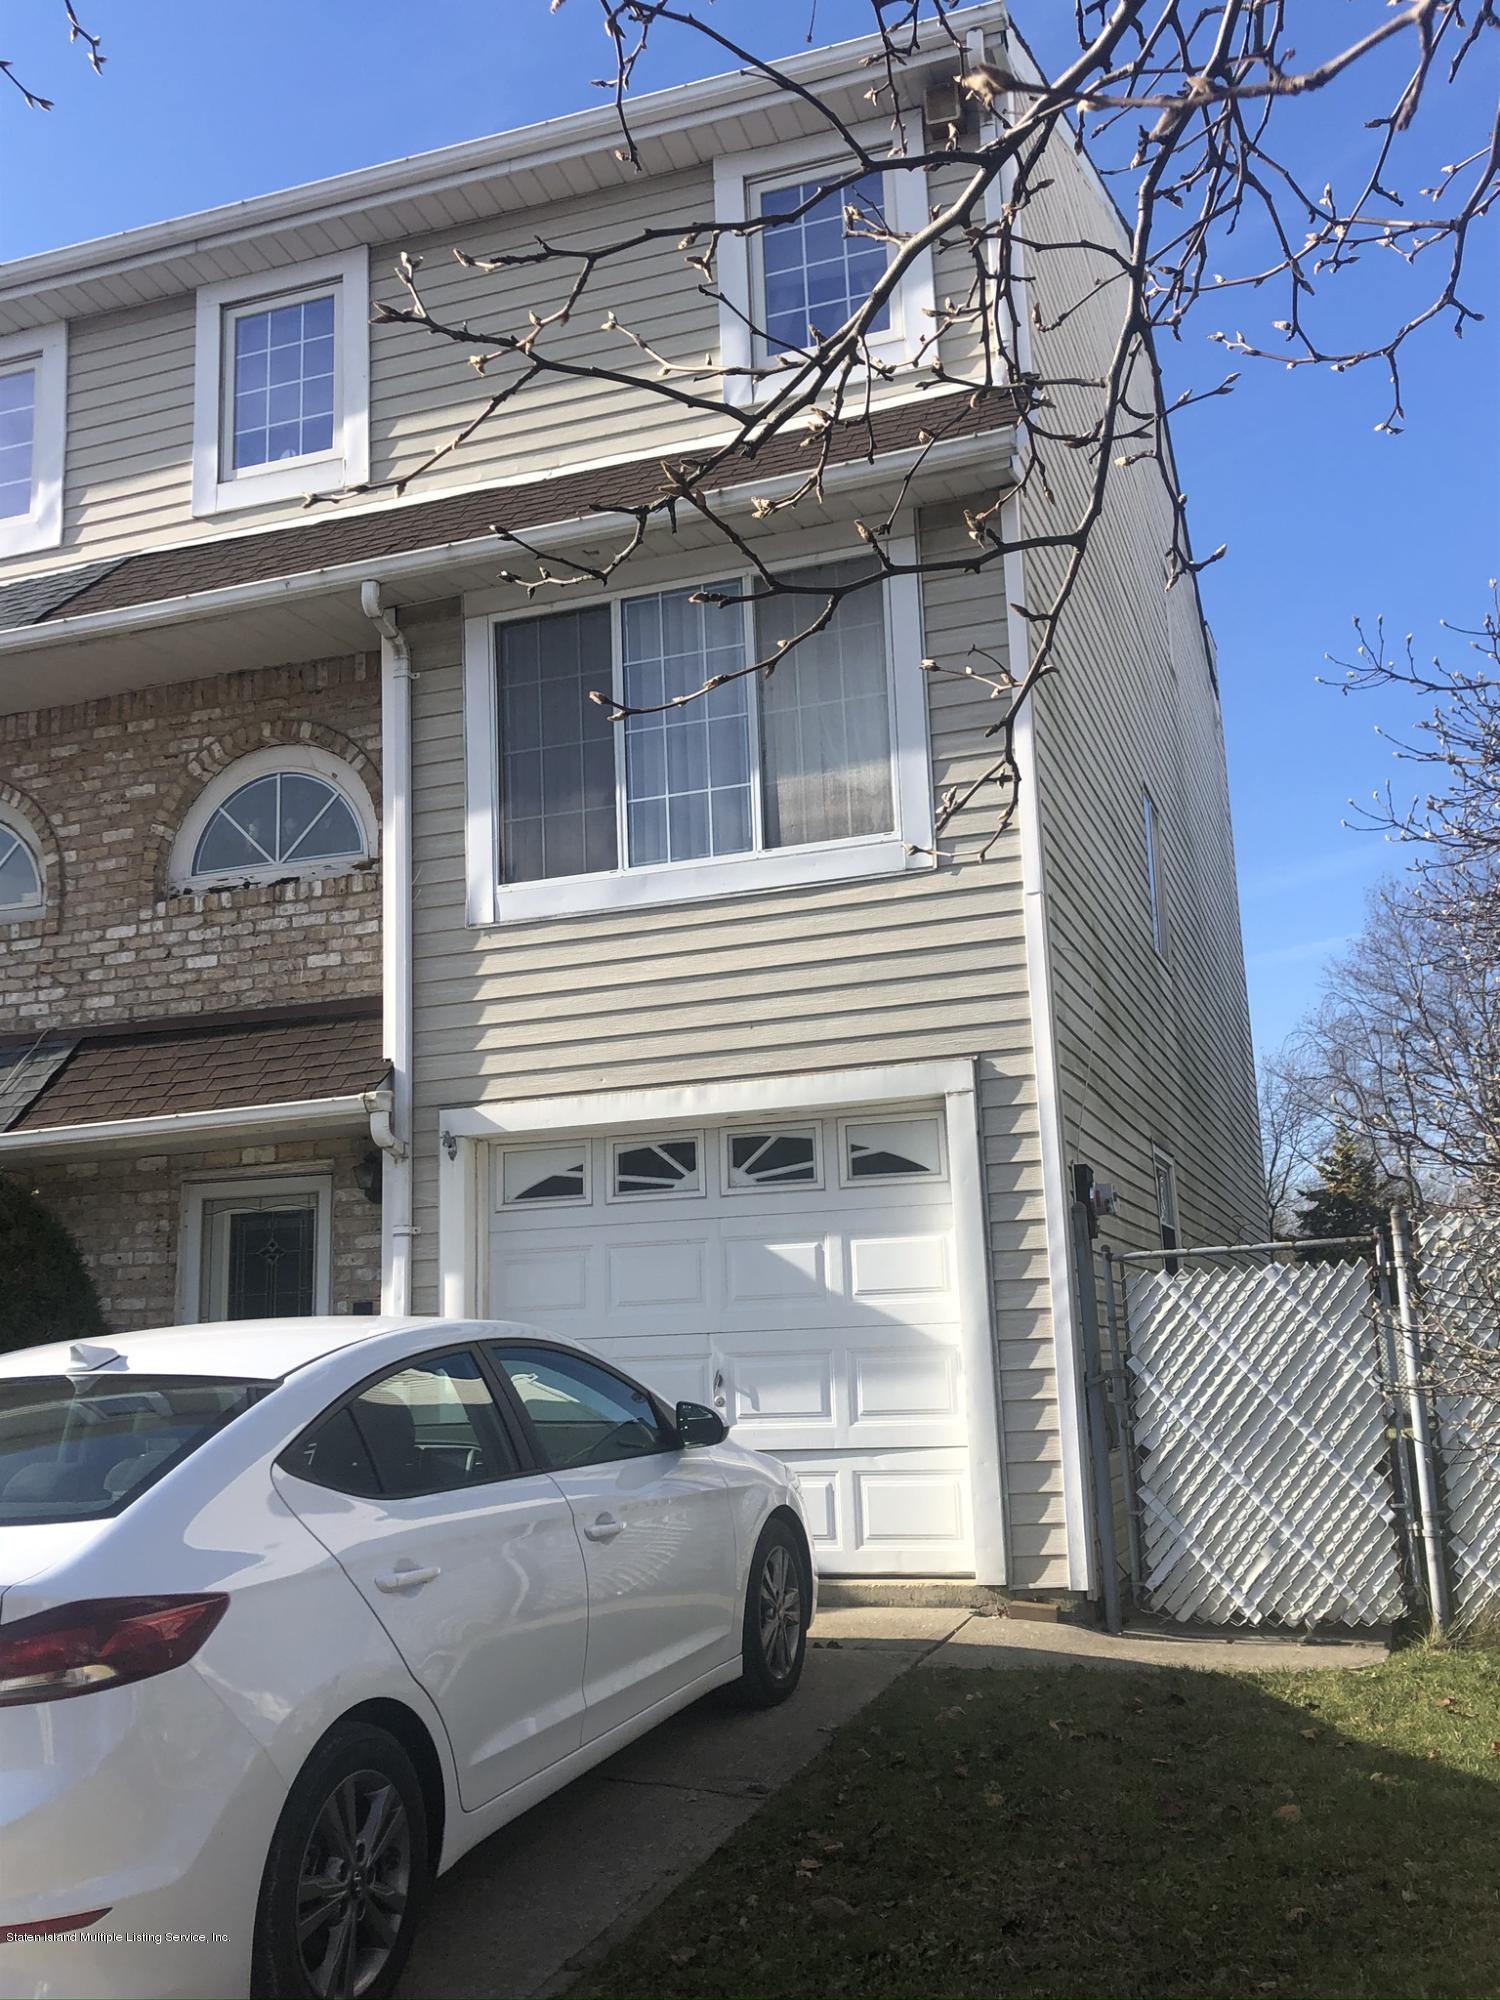 14 Elson Street,Staten Island,New York,10314,United States,4 Bedrooms Bedrooms,6 Rooms Rooms,4 BathroomsBathrooms,Residential,Elson,1134327